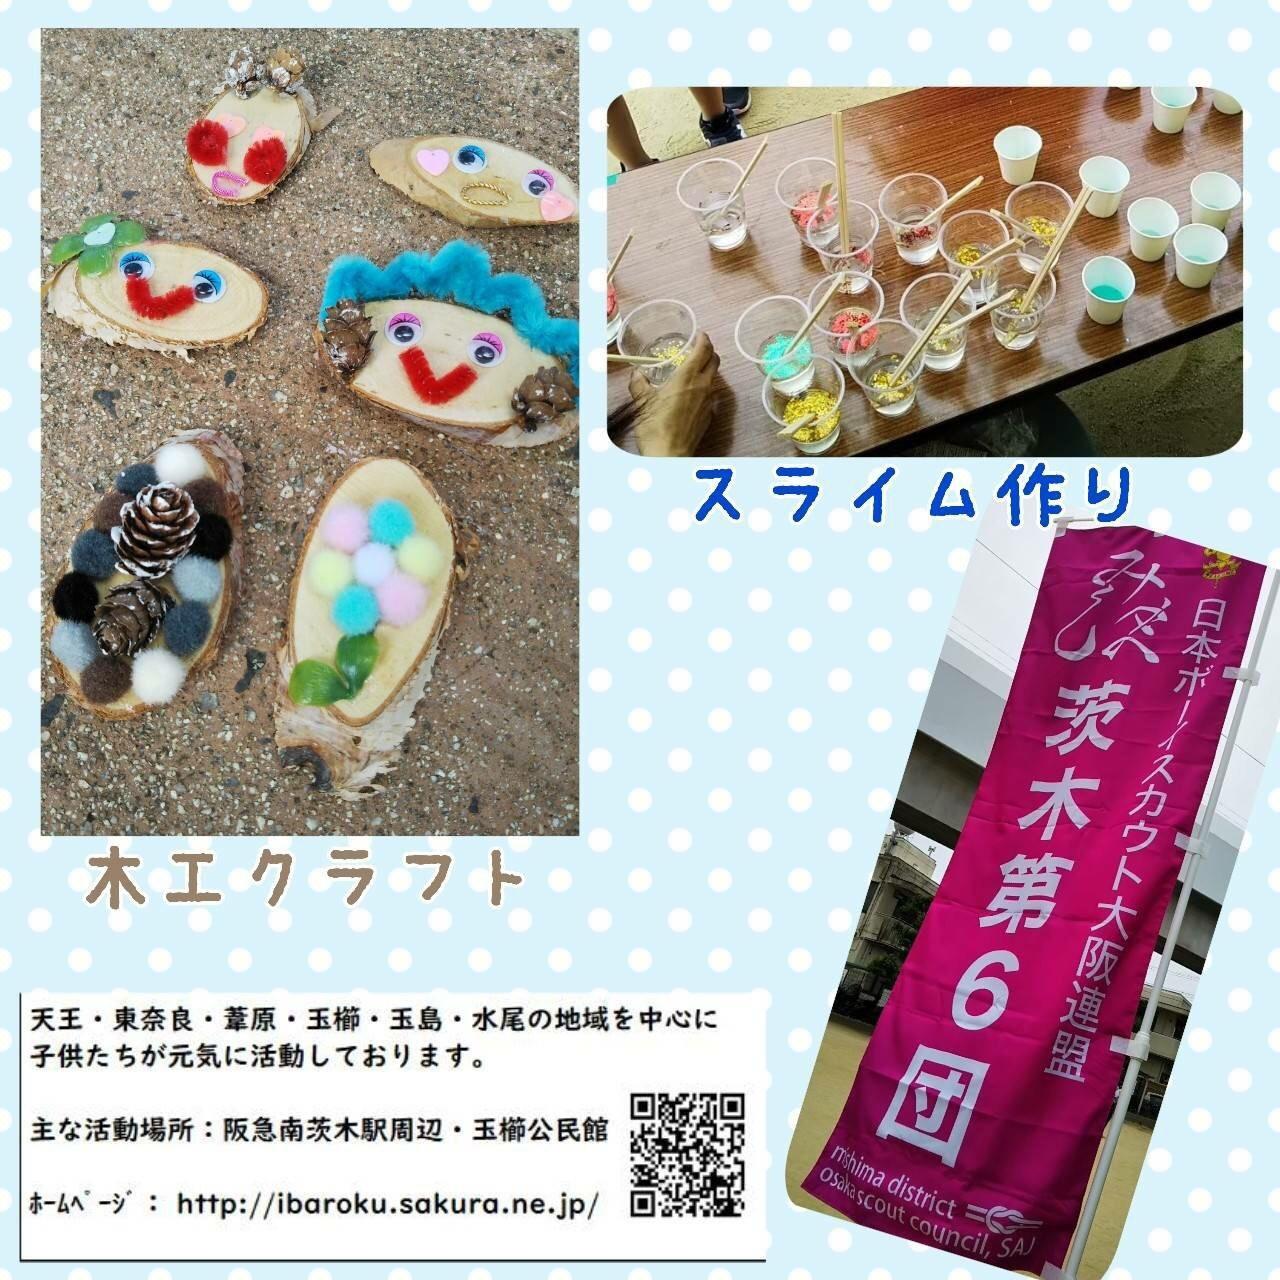 【ボーイスカウト茨木6団】